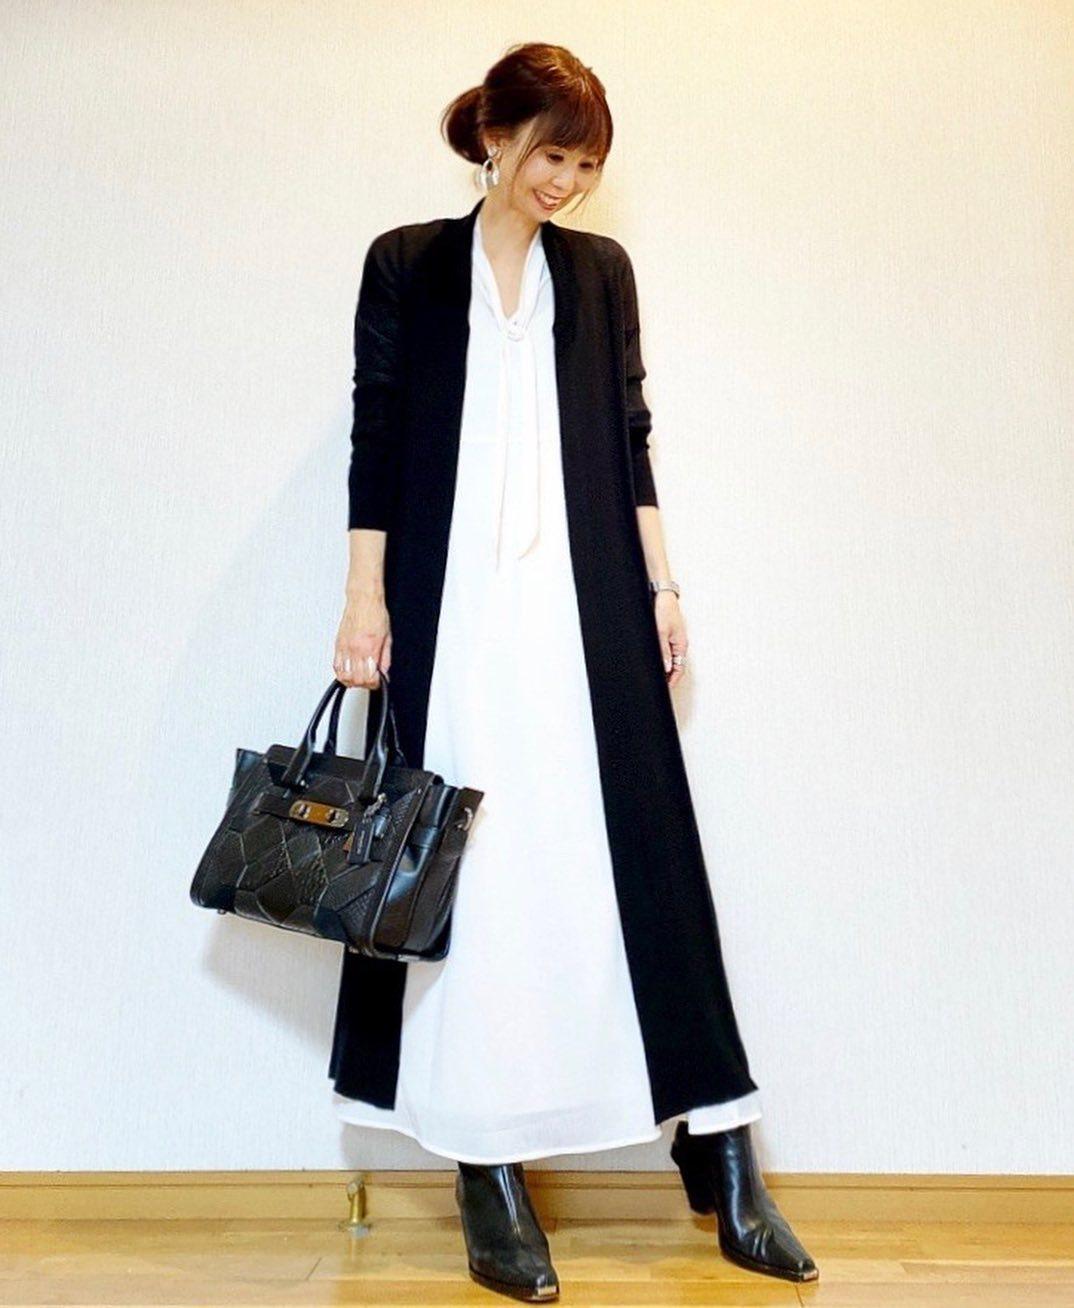 最高気温20度・最低気温10度 acmee.chiyoの服装